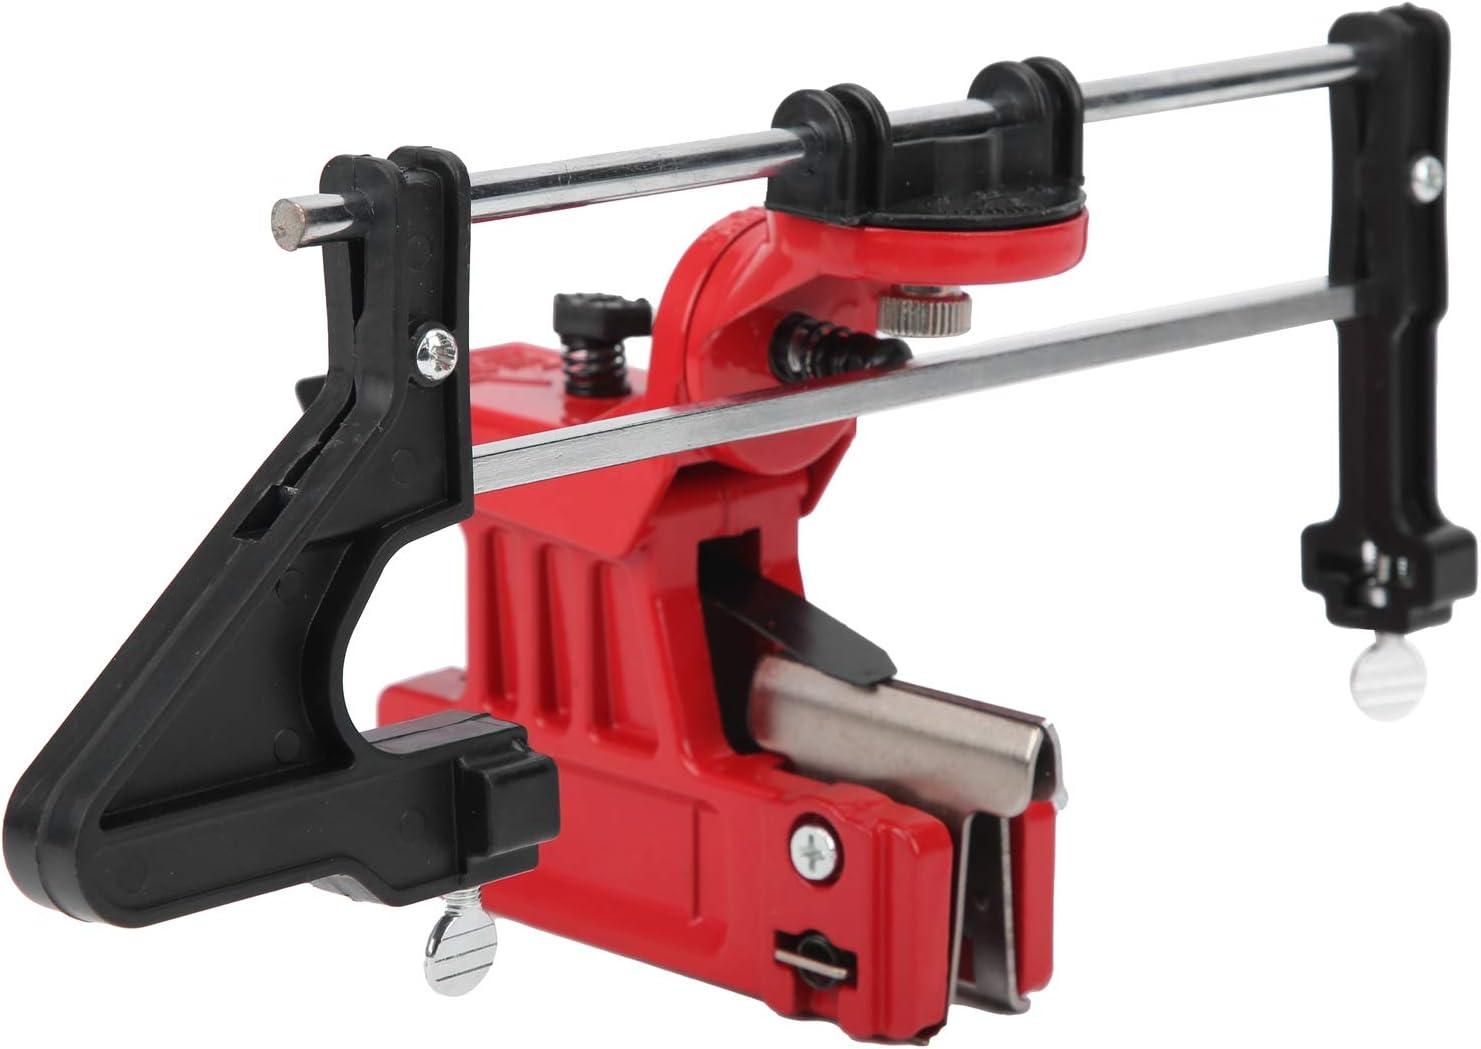 Guía de archivo de cadena, herramienta de pulido de cadena confiable de alta calidad para herramienta de pulido para la industria para afilador para una variedad de motosierras